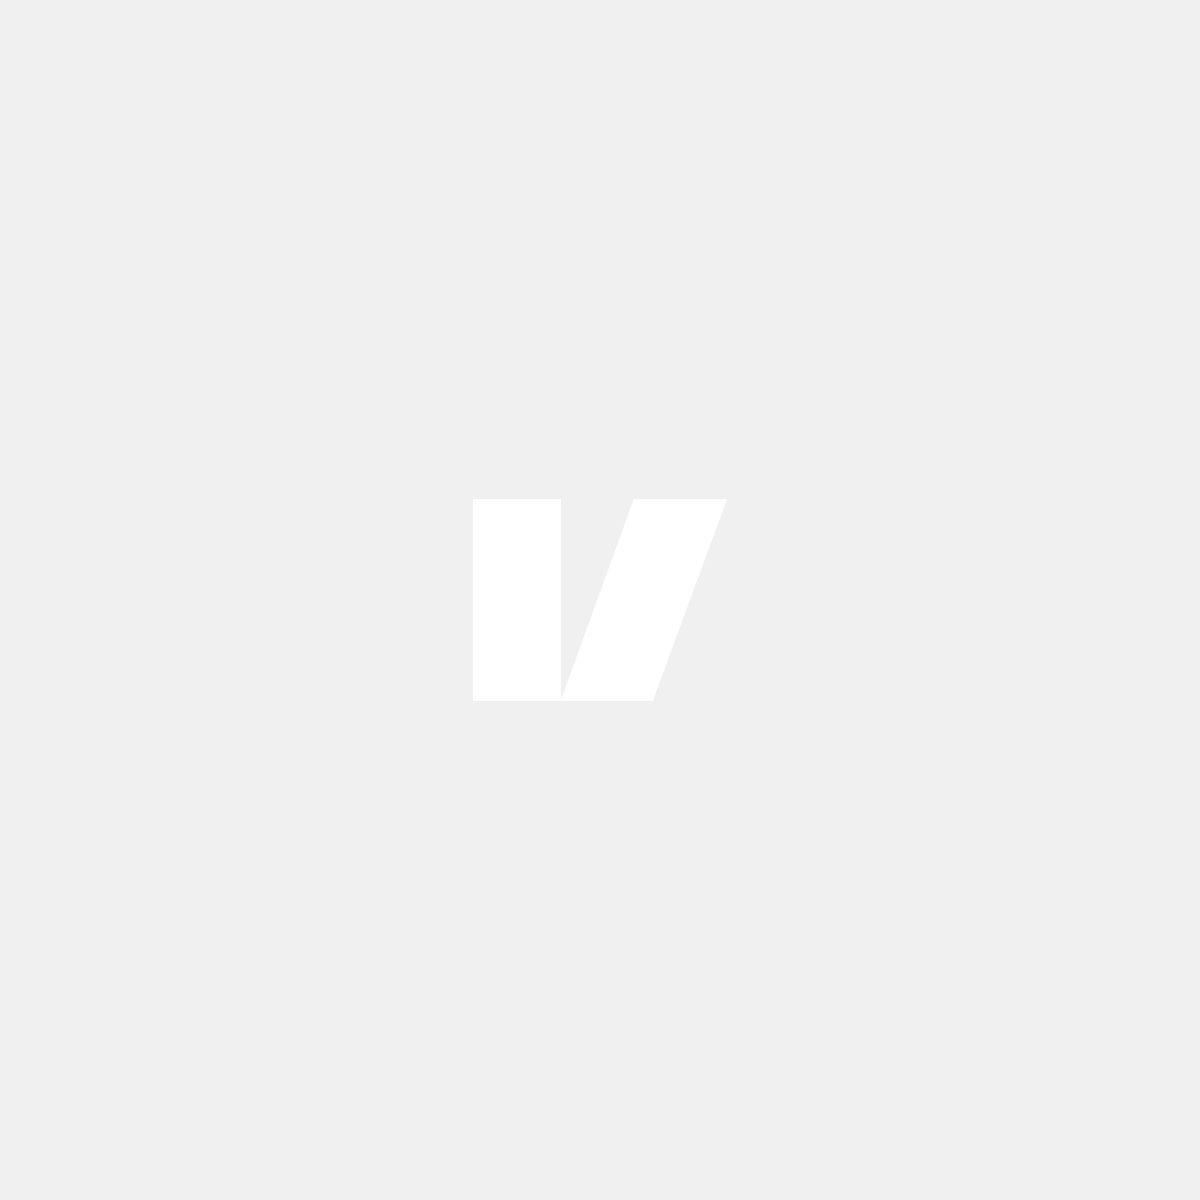 Luftfilter till Volvo, V70, S80, 2.0 diesel/bensin